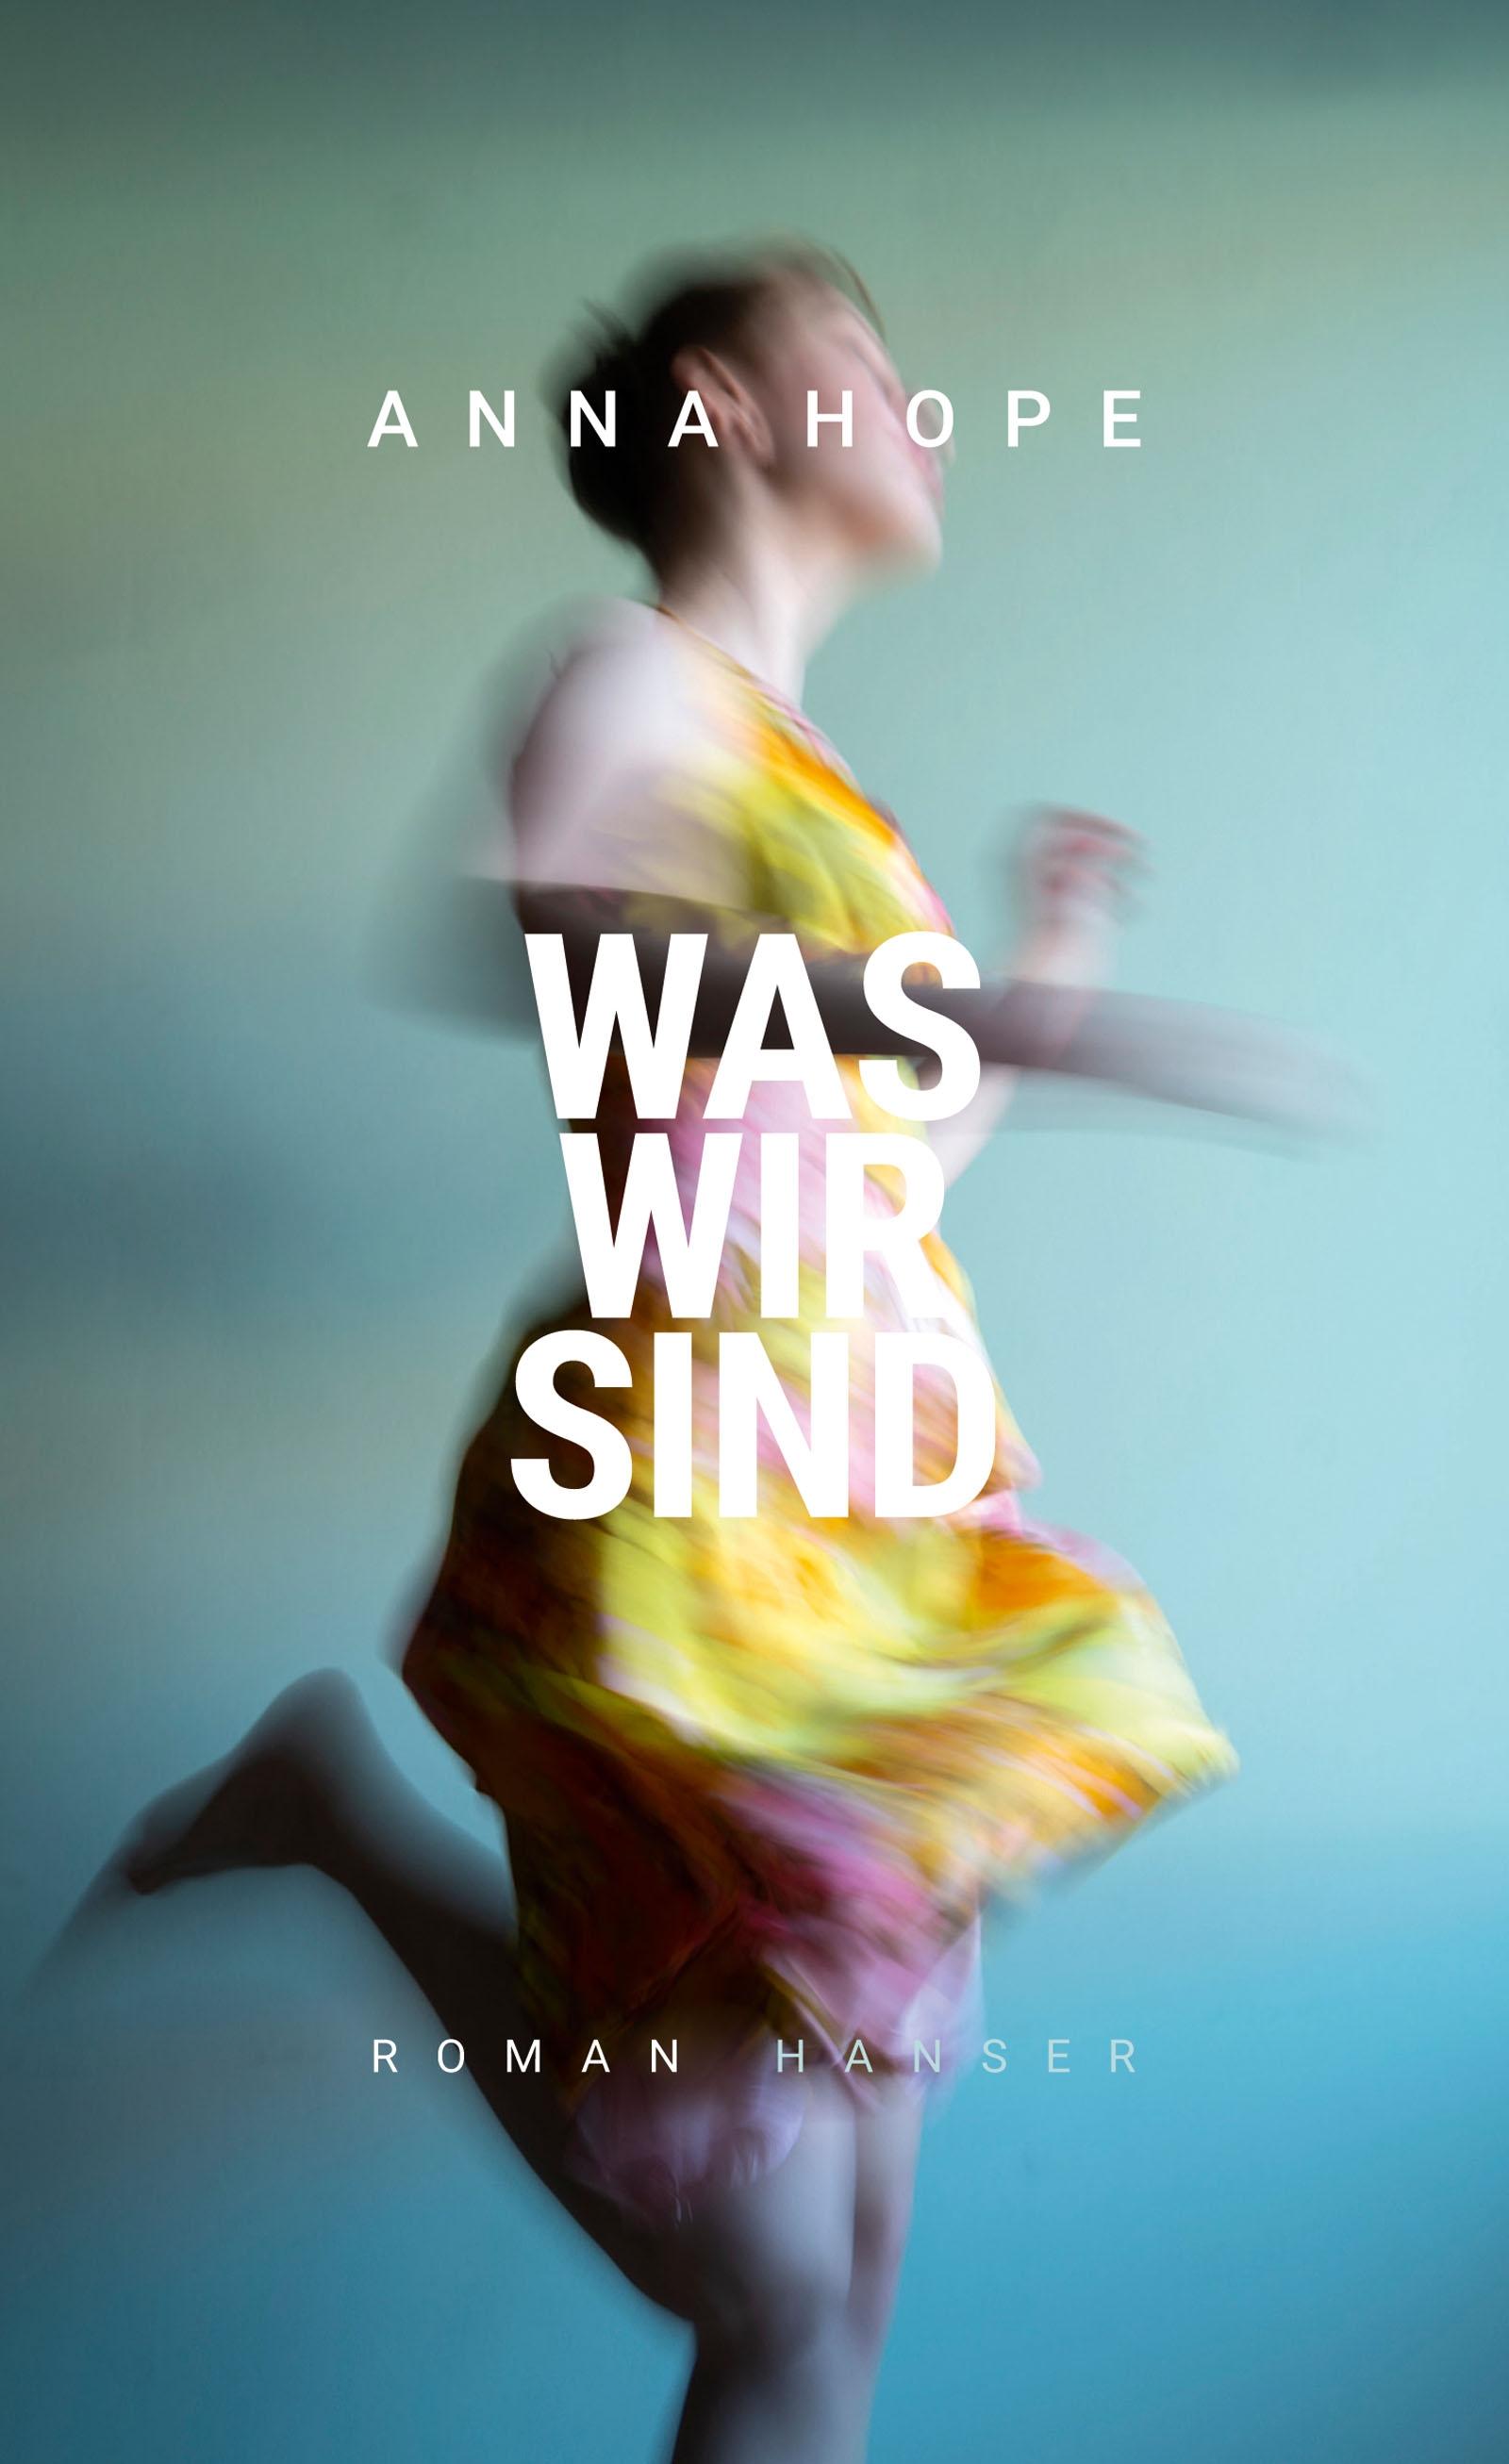 https://www.hanser-literaturverlage.de/buch/was-wir-sind/978-3-446-26563-9/